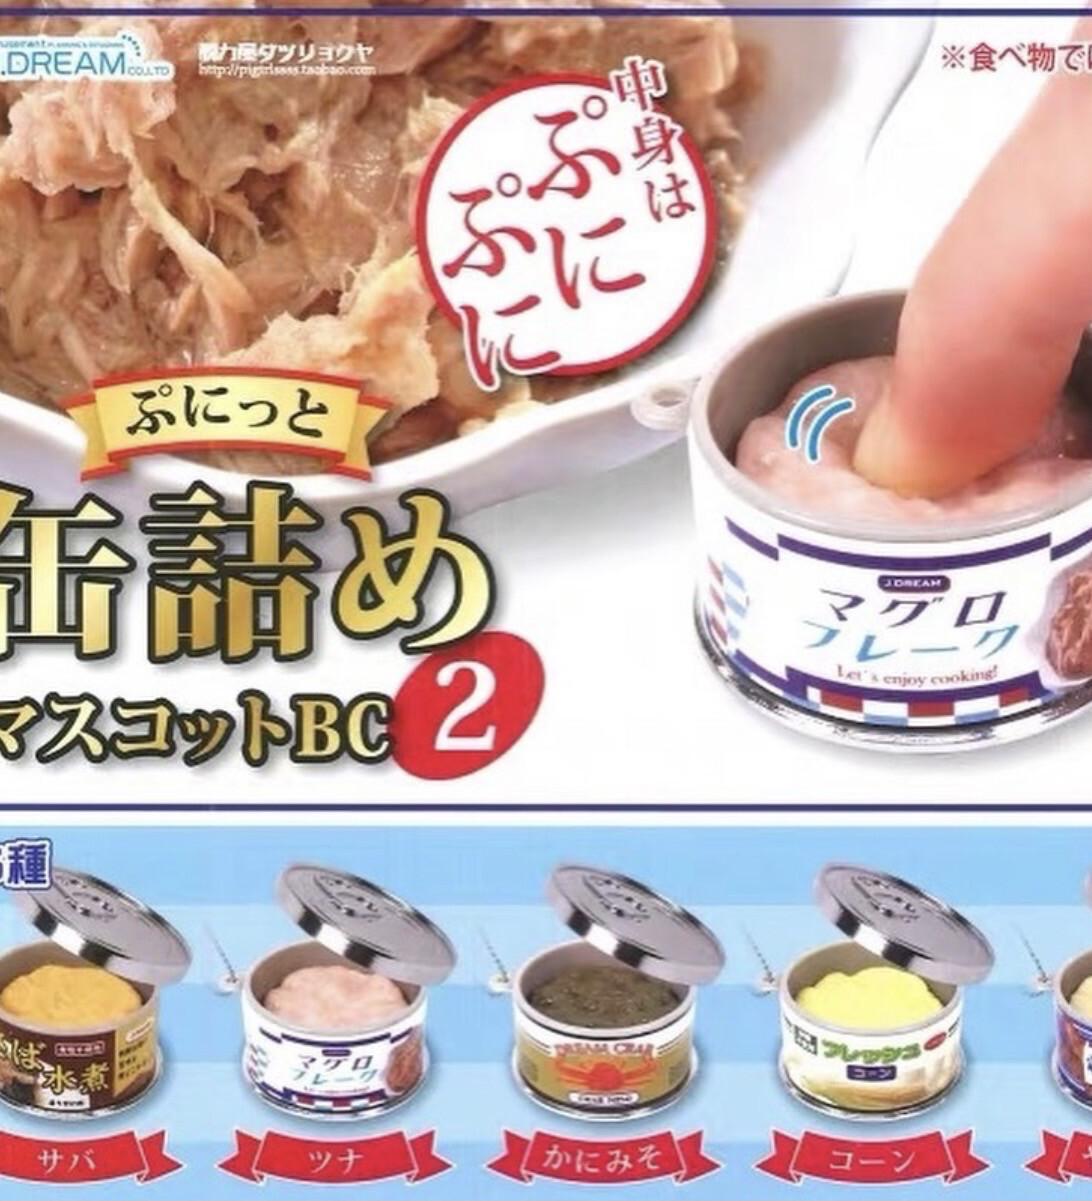 J. Dream Can Food Miniature Keychain